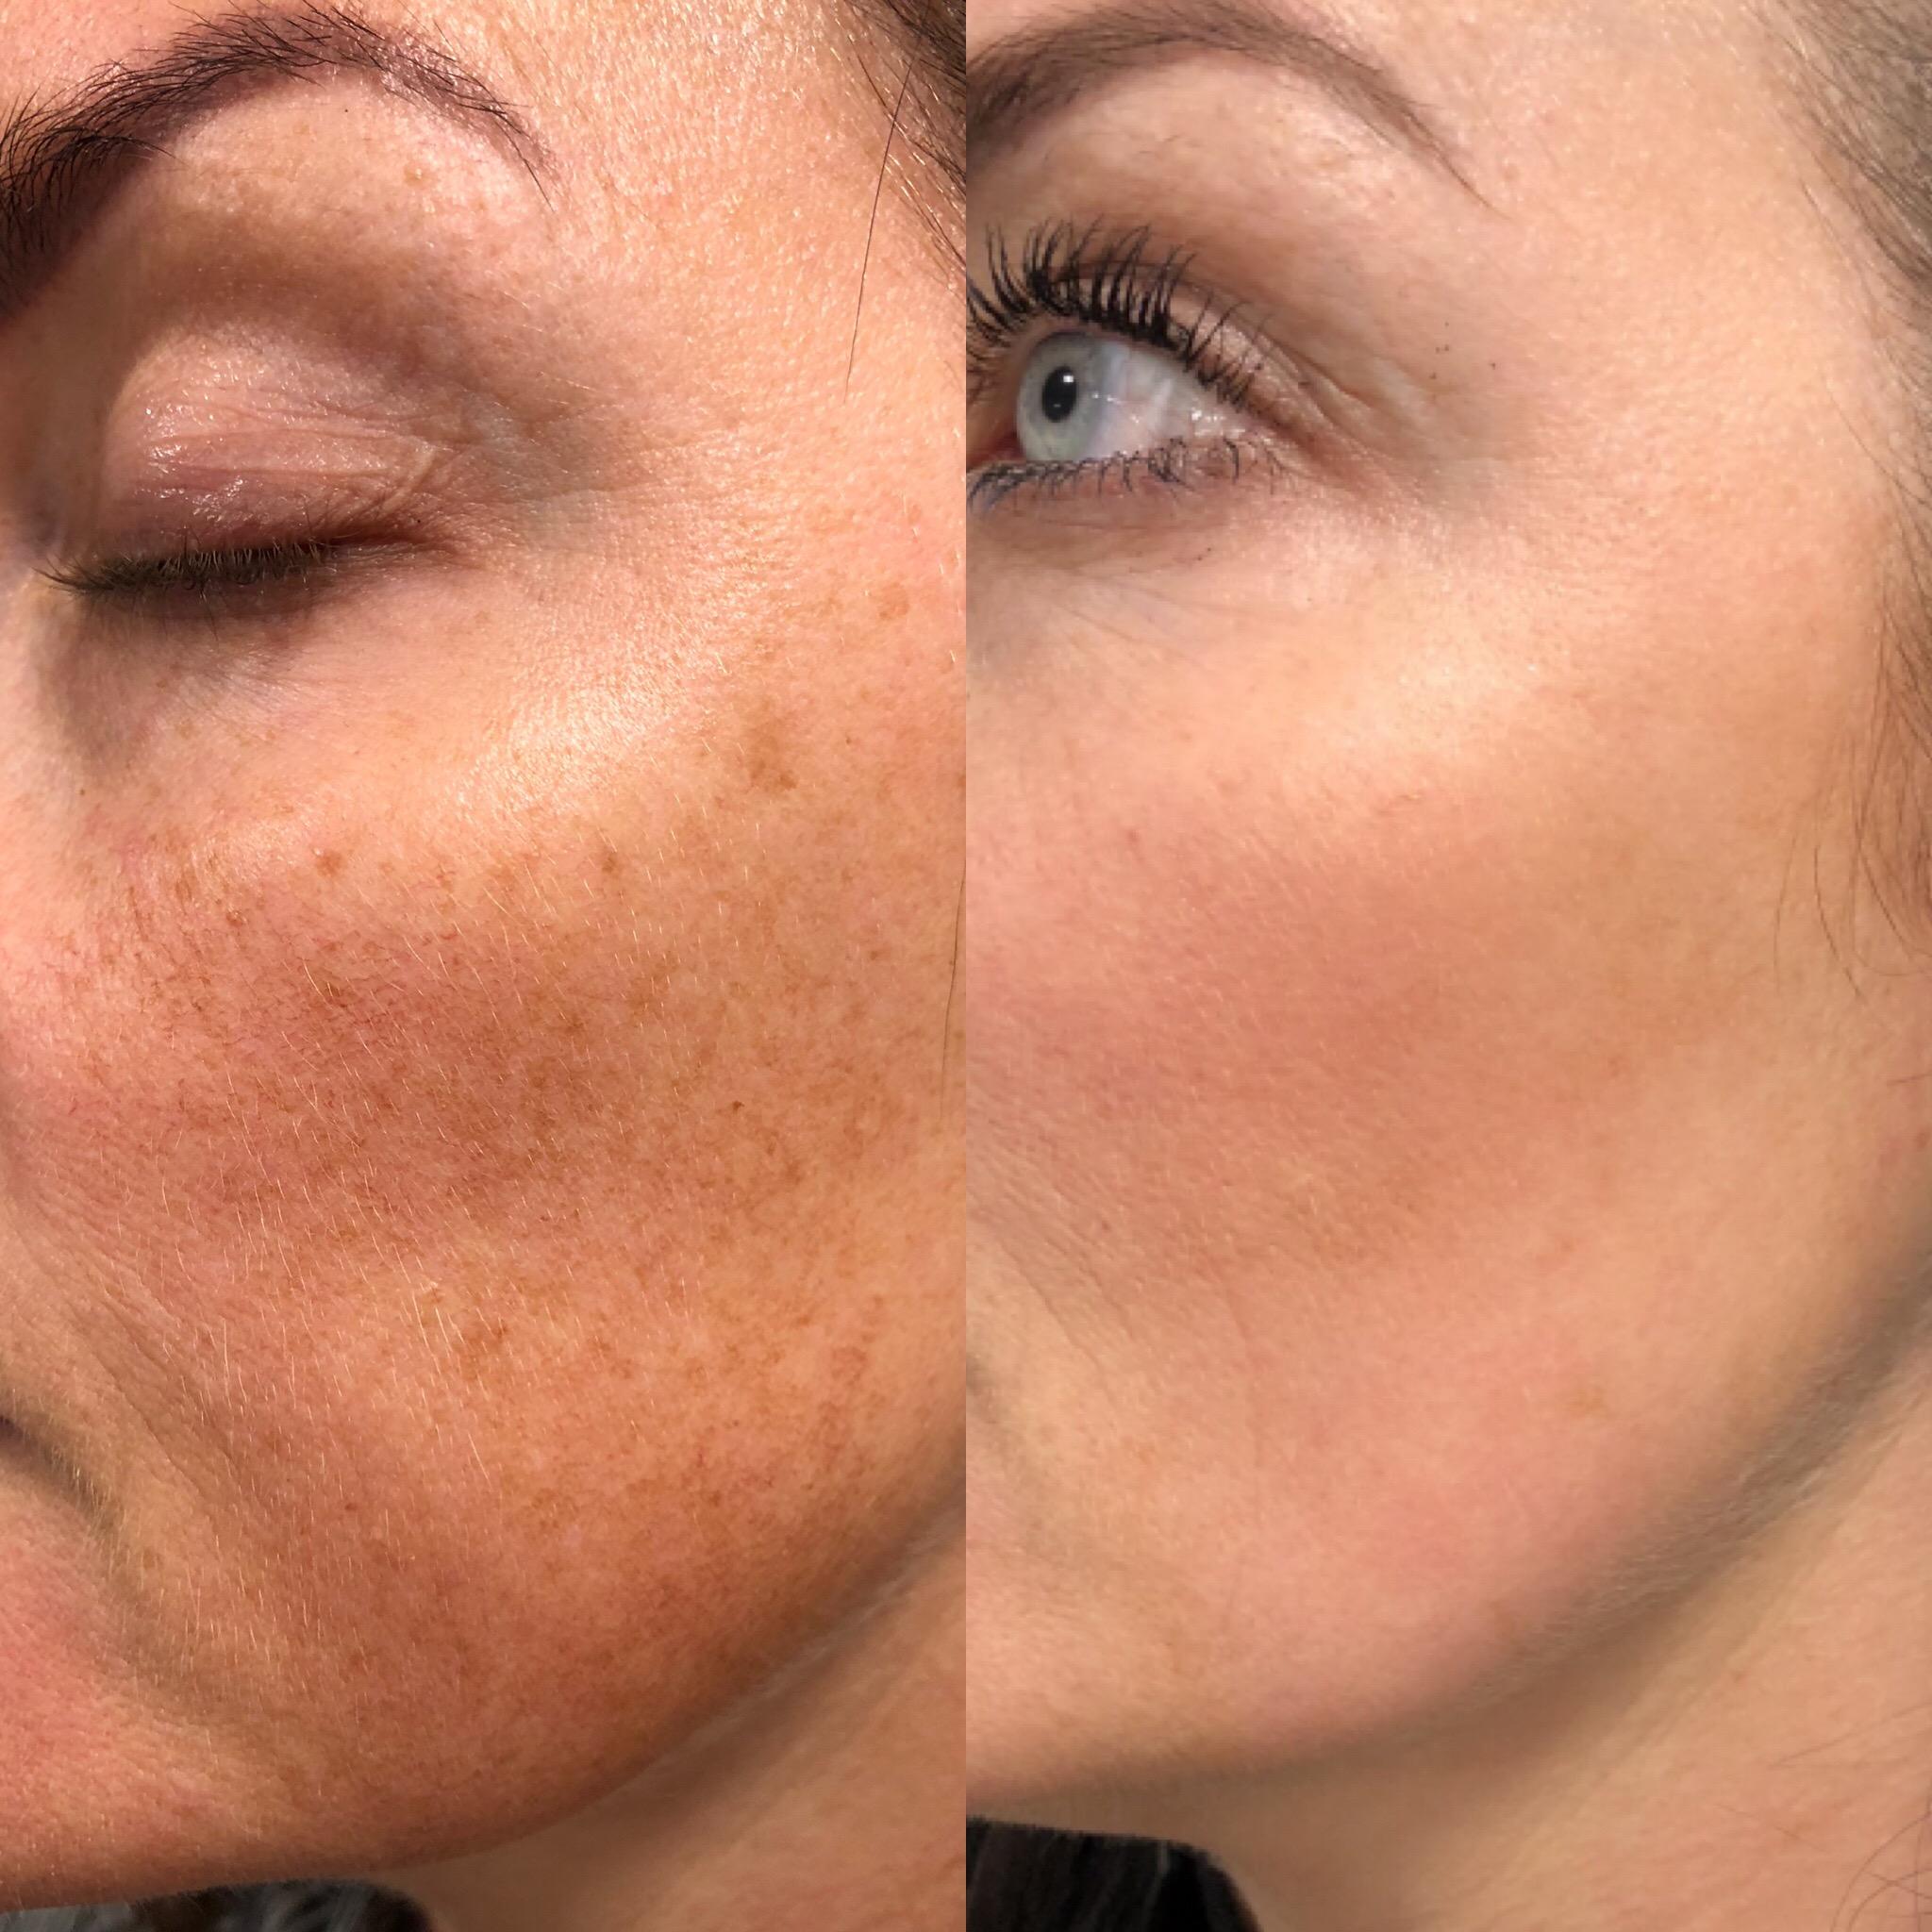 behandling af pigmentforandringer i ansigtet